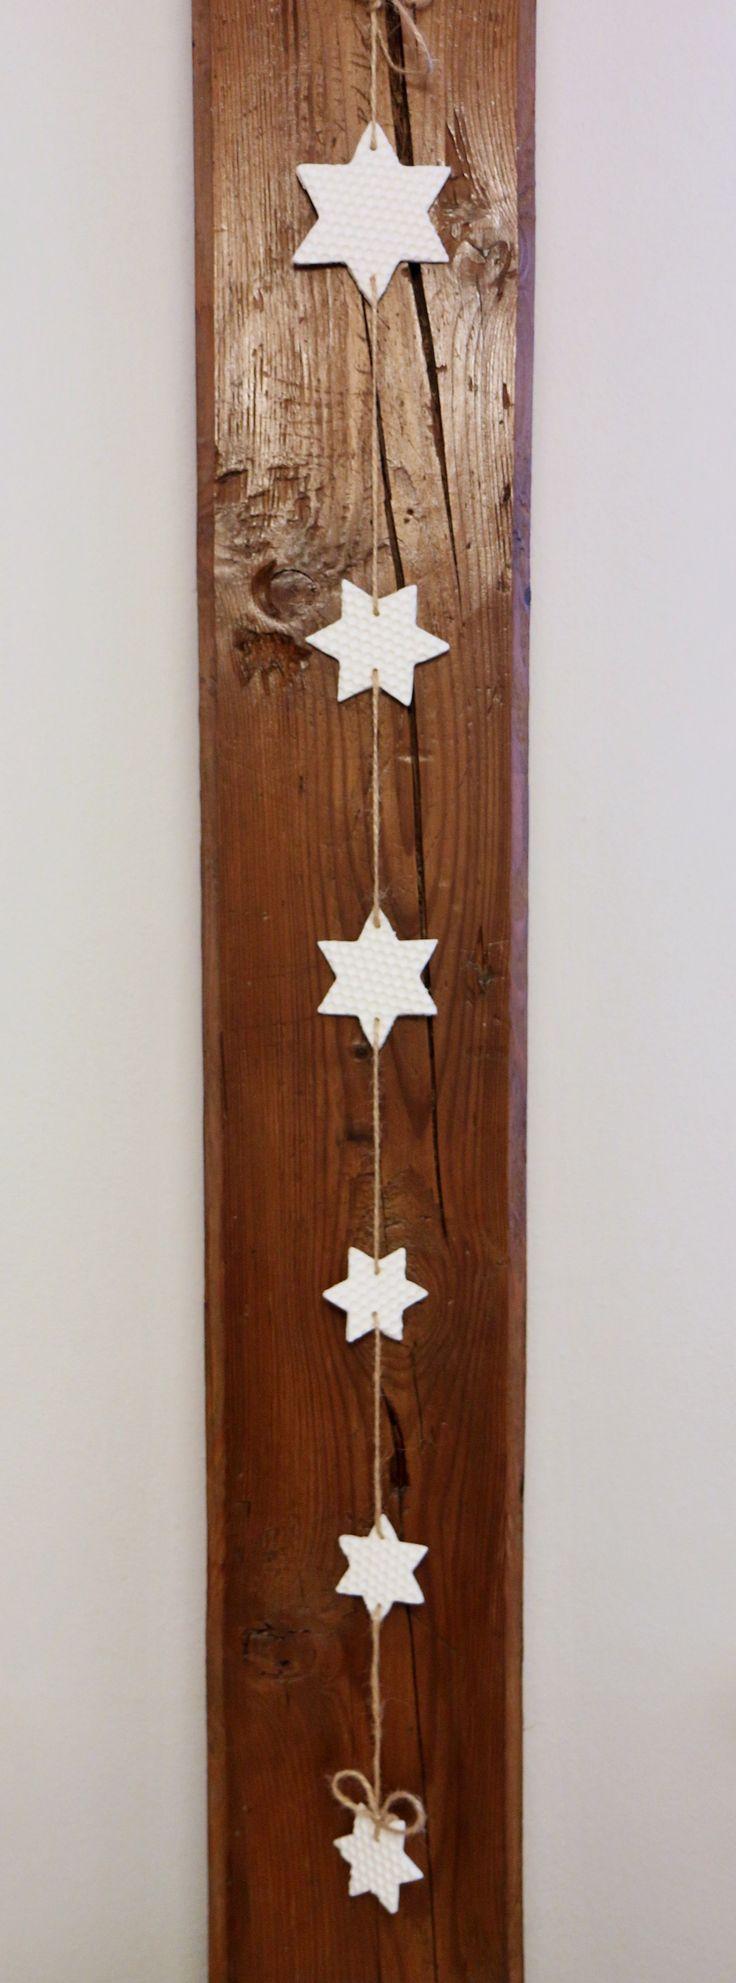 Dekorace hvězdy závěsné